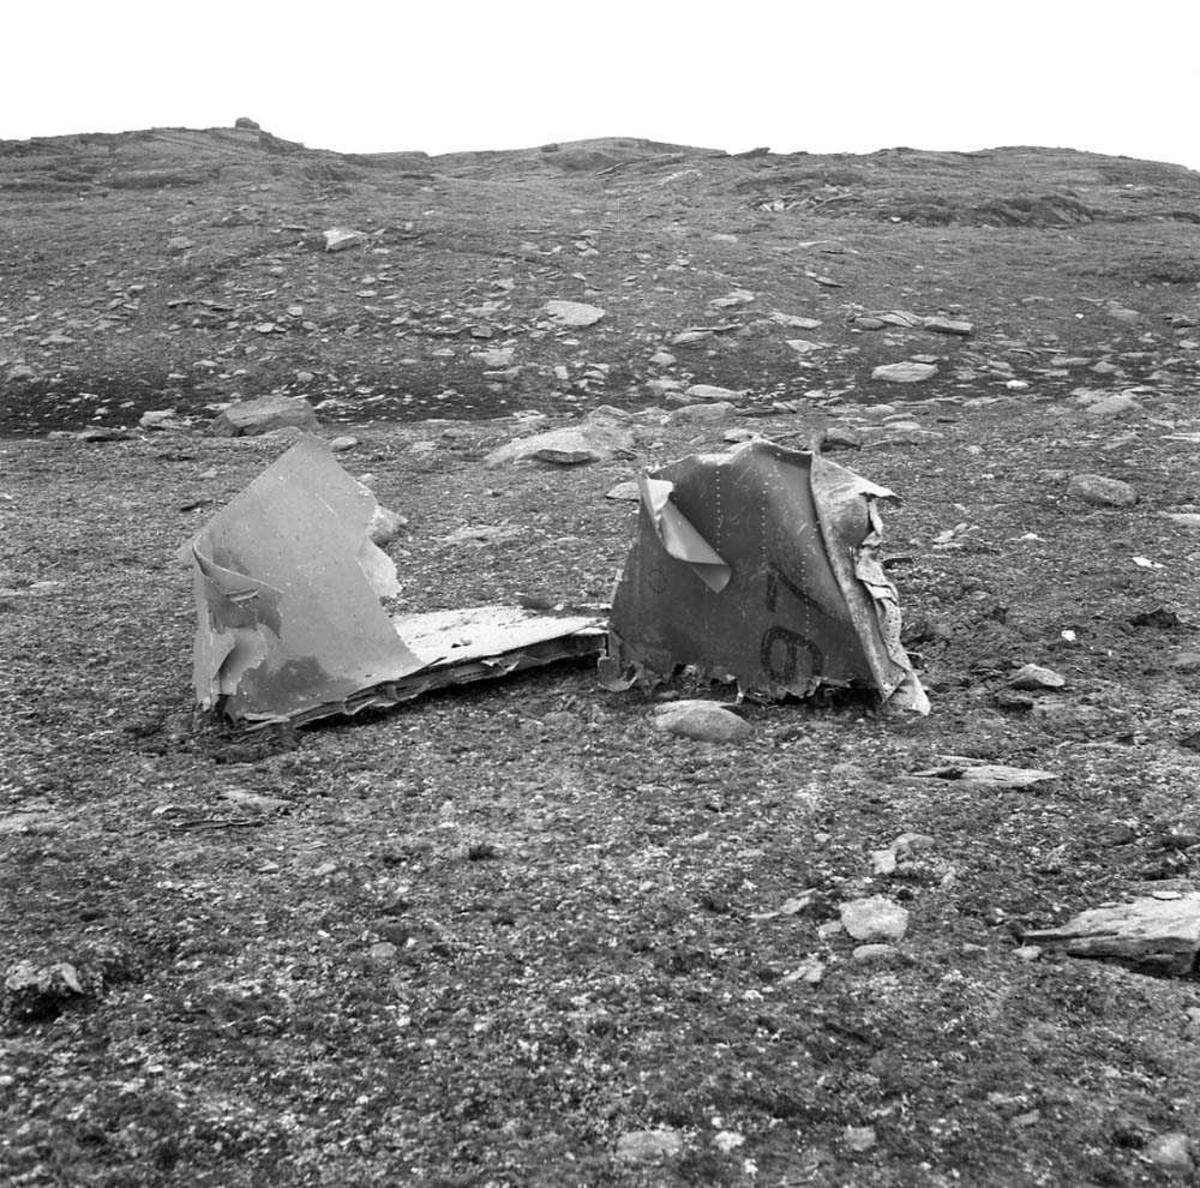 En CF-104 Starfighter, 334 skvadron, Bodø flystasjon, har havarert ved Revtind, som ligger mellom Beiardalen og Blakkådalen i Beiarn, Nordland.